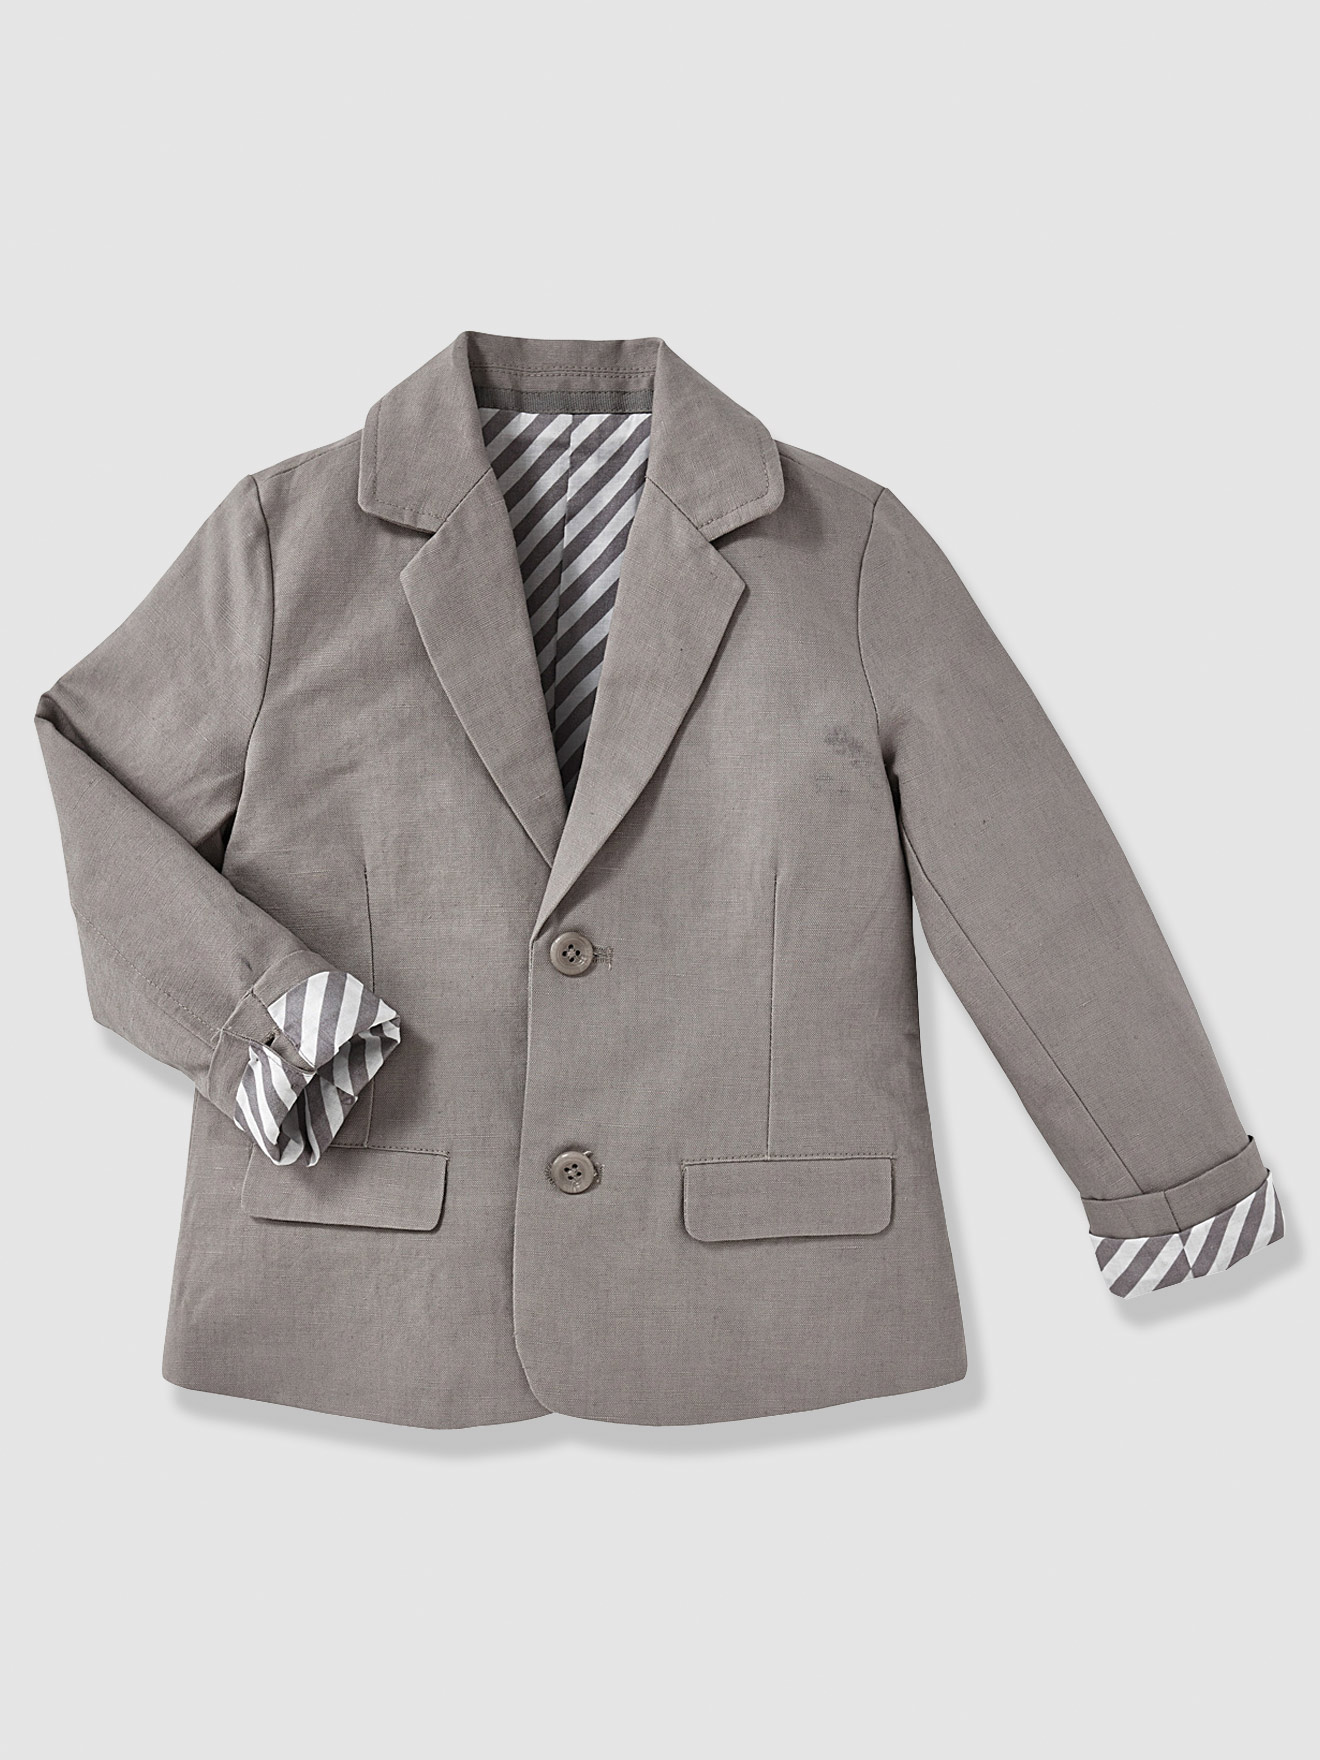 veste costume gar on 12 ans pr t porter f minin et masculin. Black Bedroom Furniture Sets. Home Design Ideas